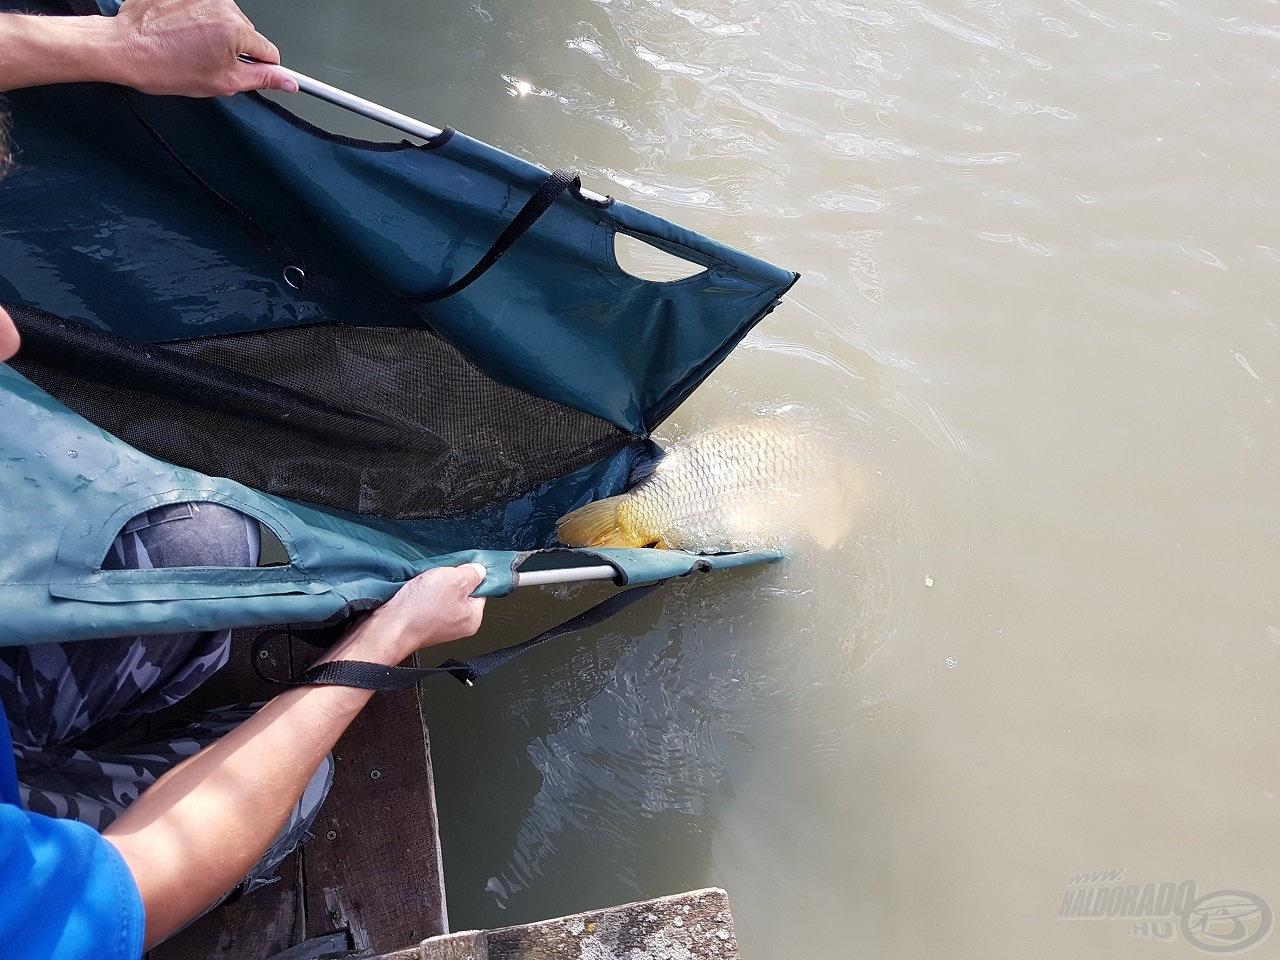 … melyet a halak méretétől függetlenül kötelező használni a visszaengedés során